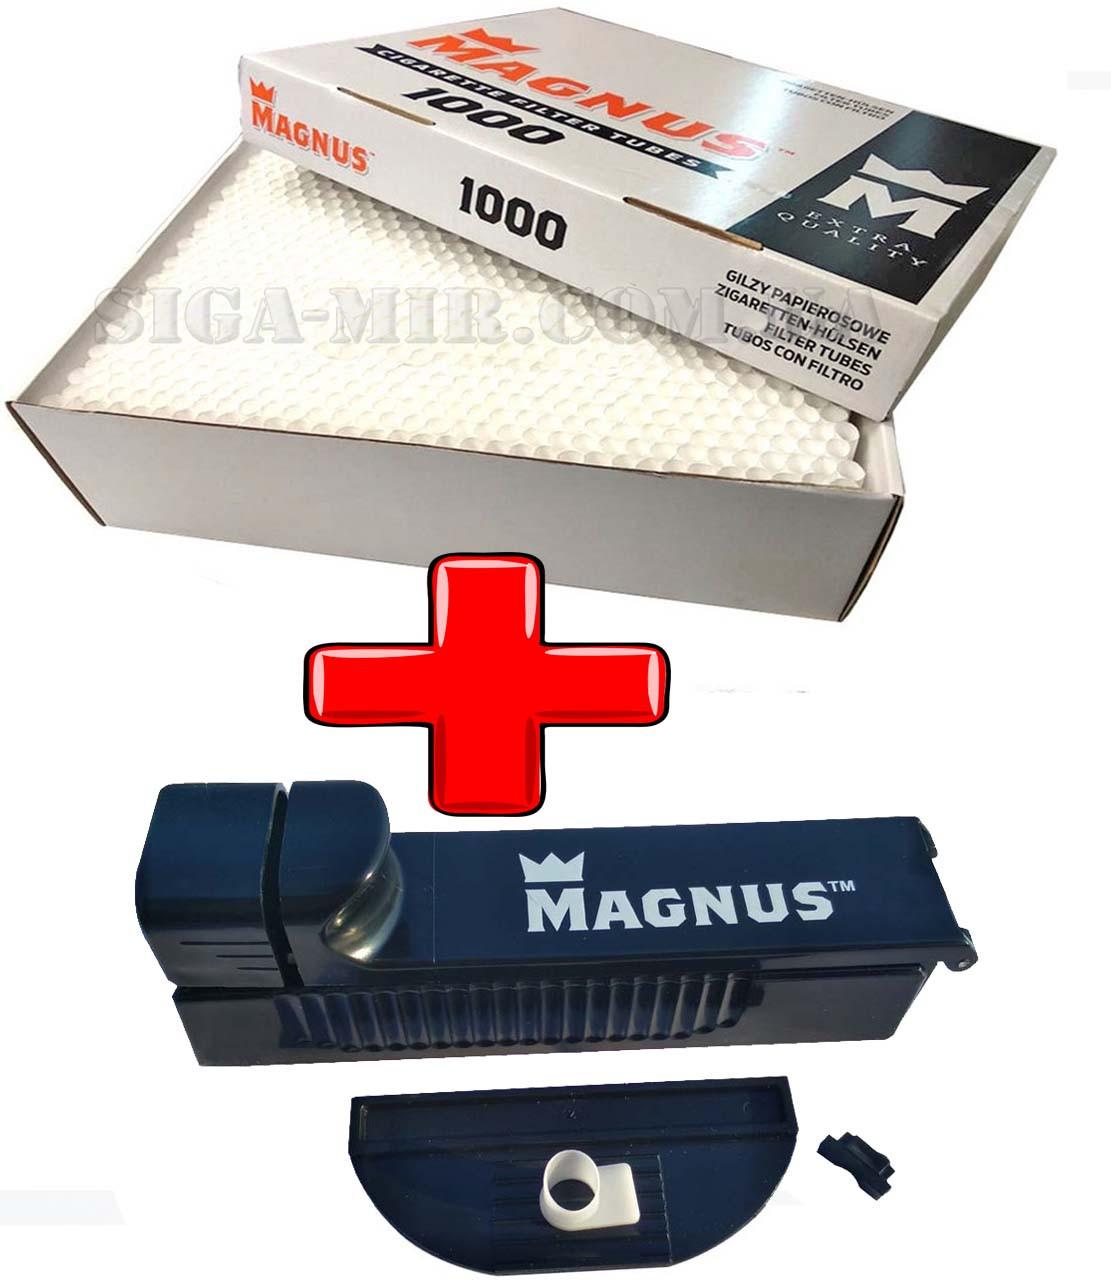 Сигаретные гильзы Magnus 1000 штук + фирменная машинка для набивки гильз/сигарет